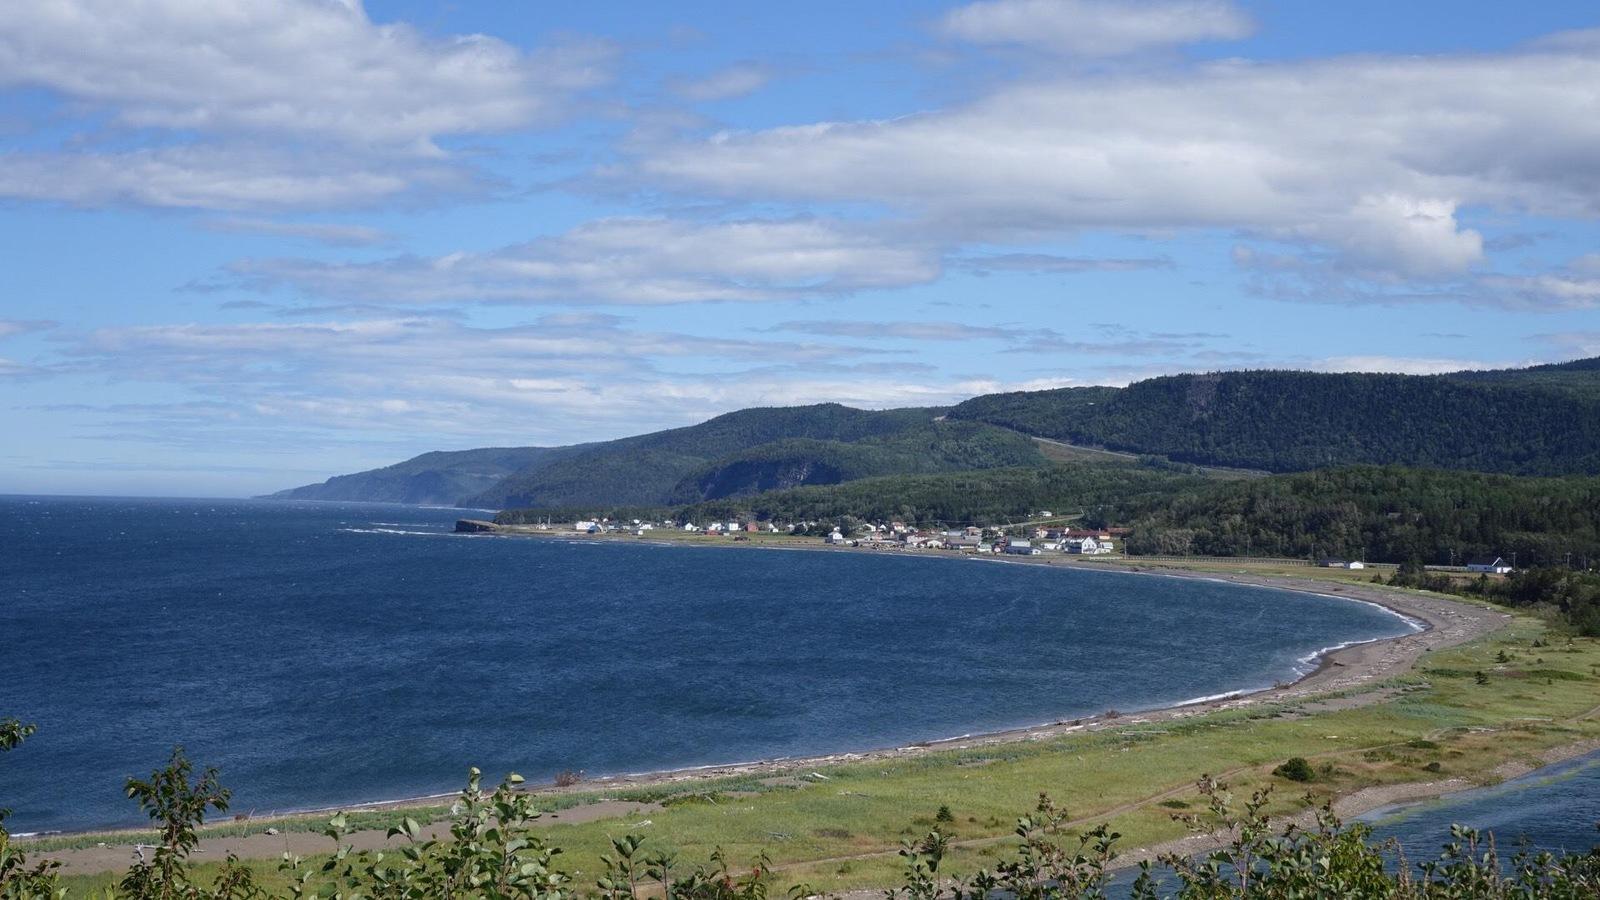 Plage du village de Sainte-Madeleine-de-la-Rivière-Madeleine en Gaspésie